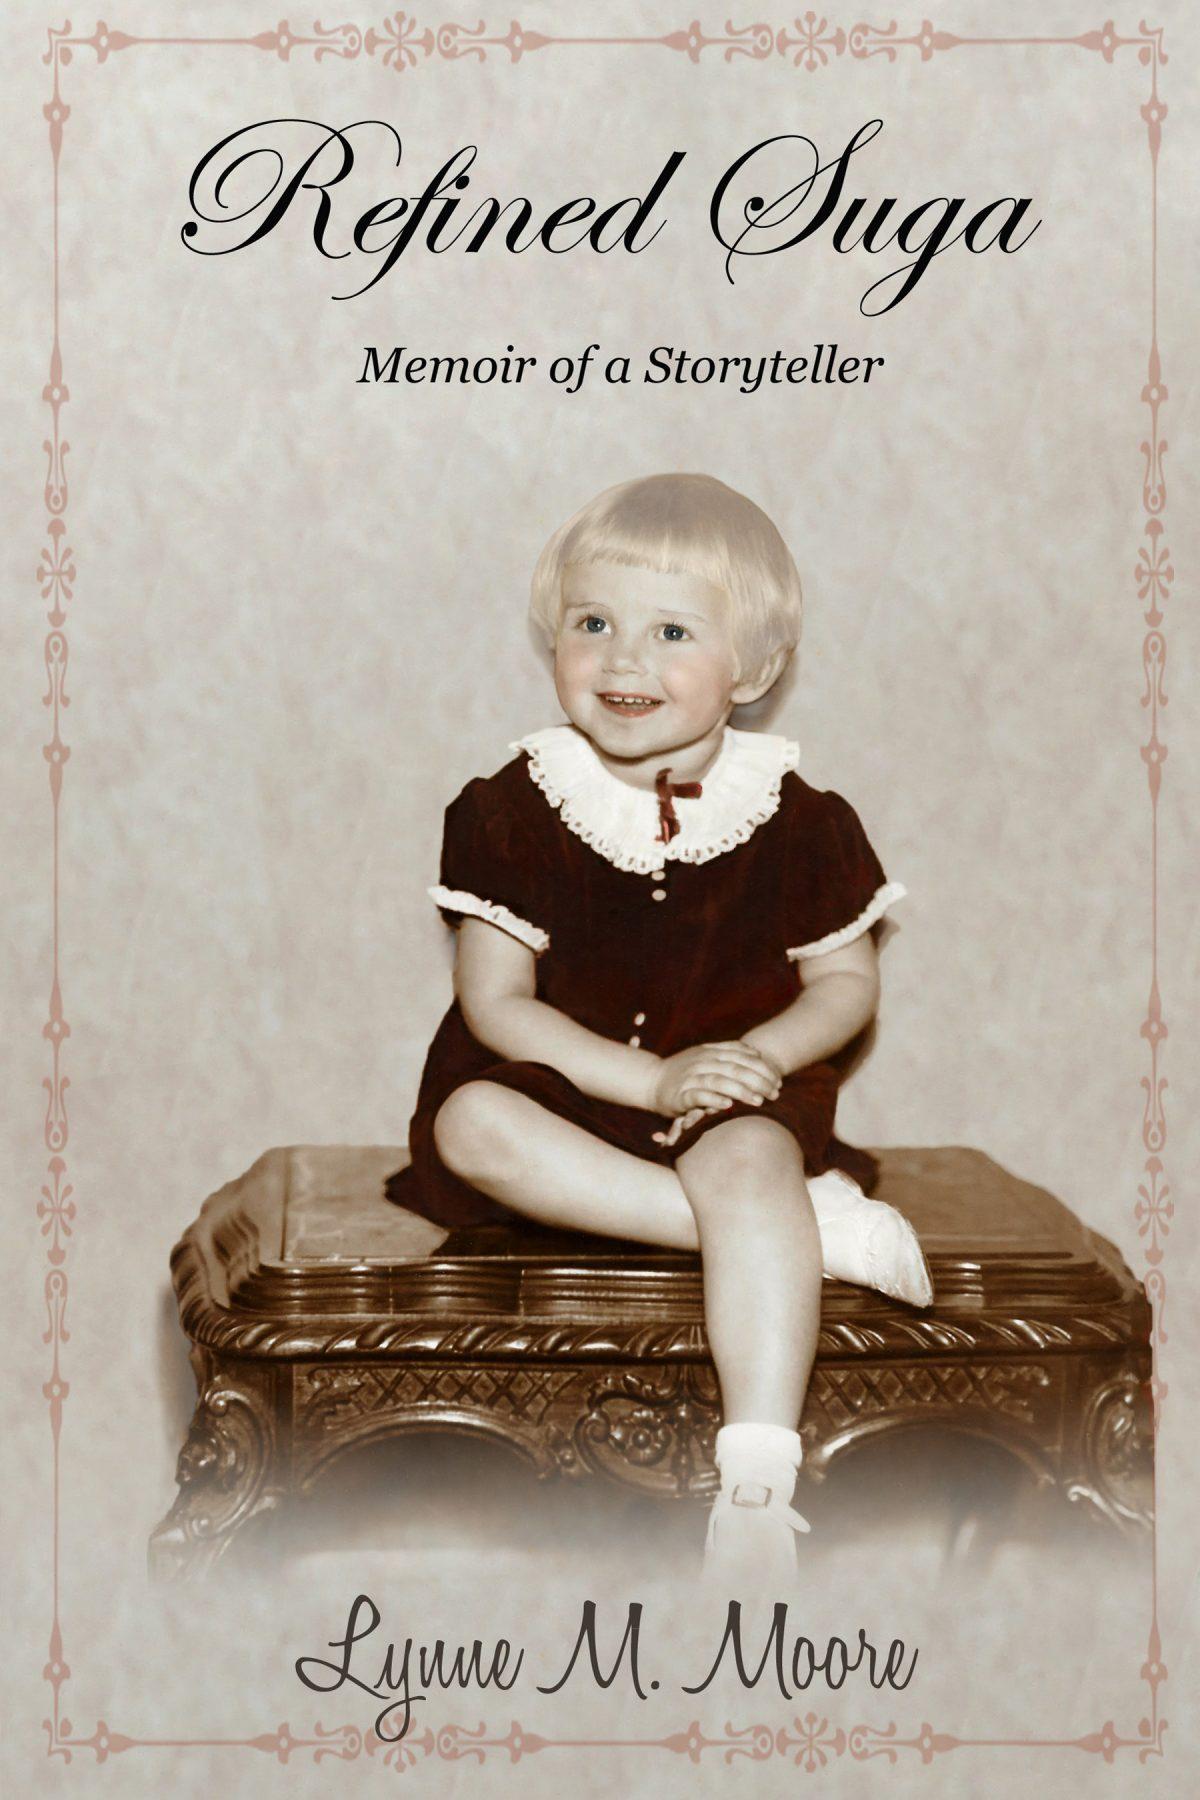 Refined Suga: Memoir of a Storyteller